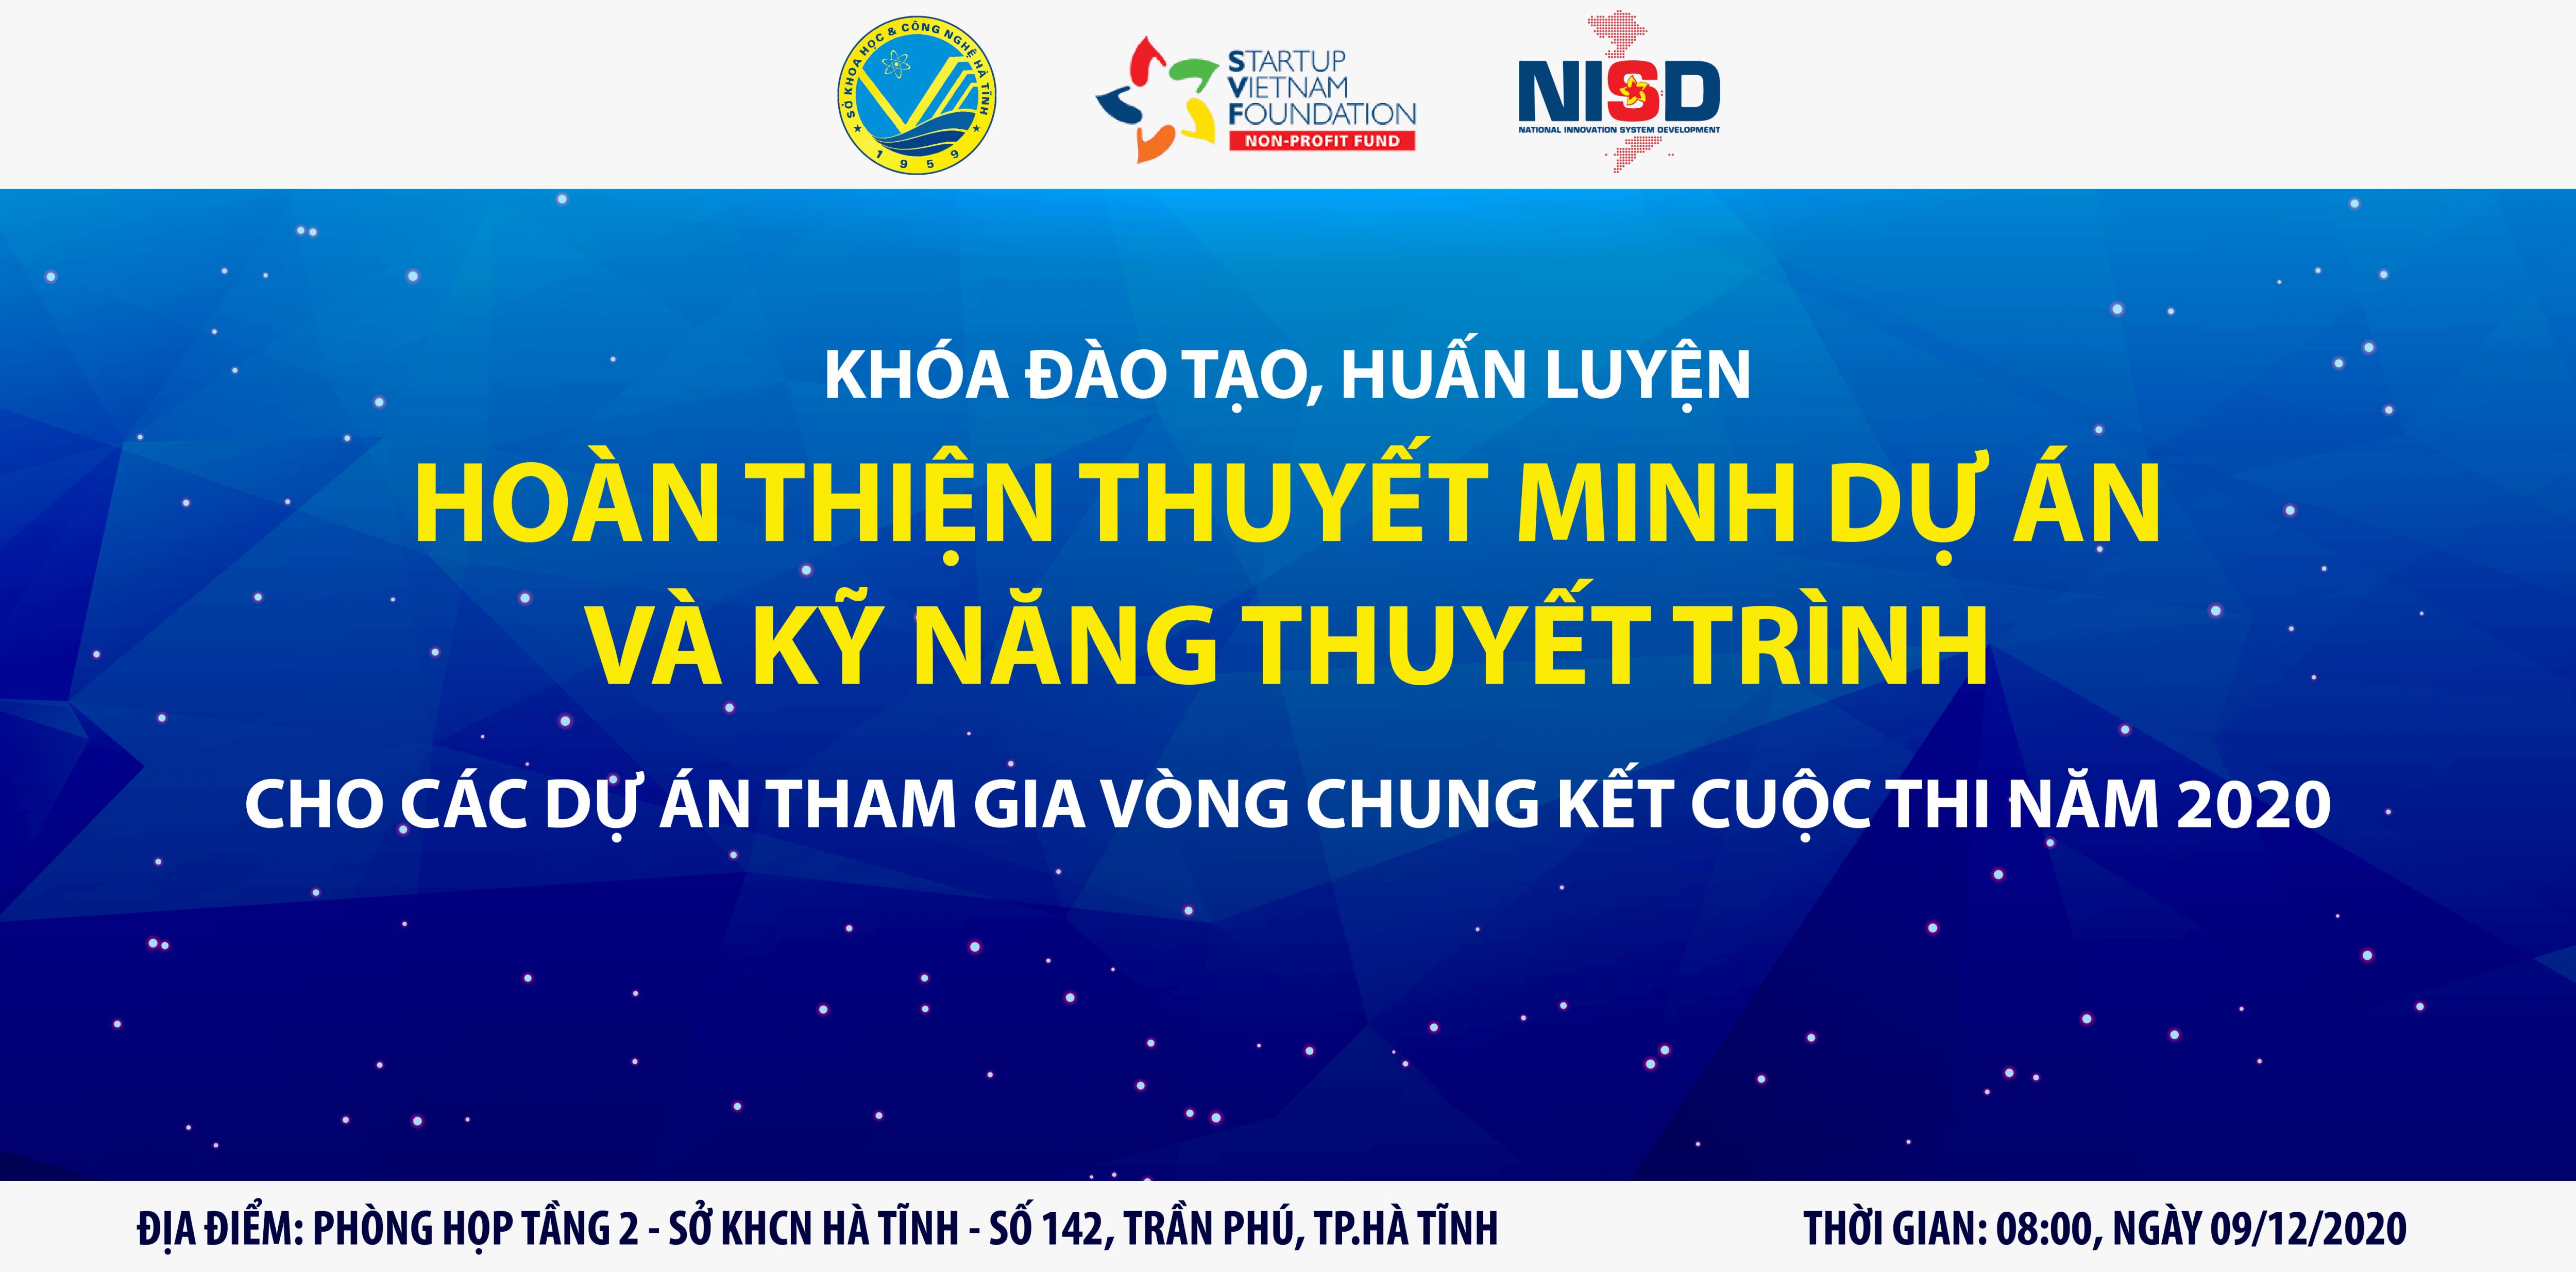 [NISD - HÀ TĨNH] | Khóa đào tạo, huấn luyện hoàn thiện thuyết minh dự án và kỹ năng thuyết trình cho các dự án tham gia Vòng chung kết Cuộc thi năm 2020